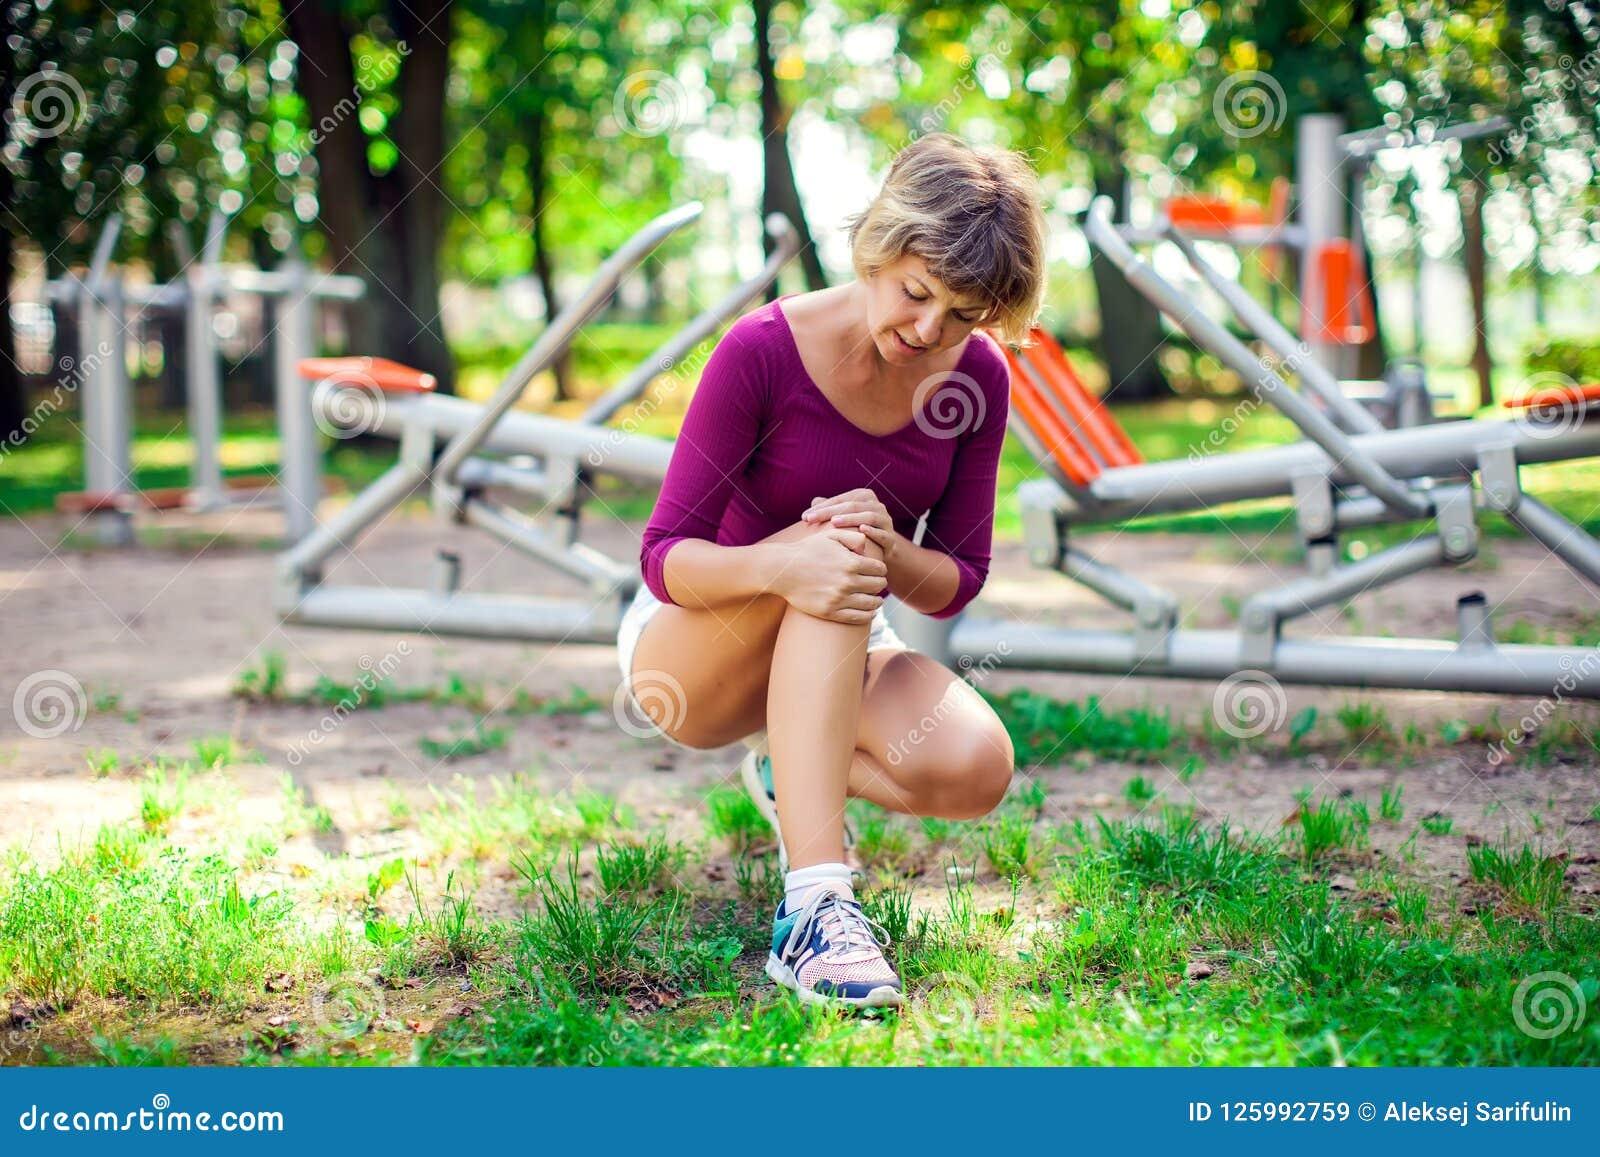 Dor do sentimento da jovem mulher em seu joelho durante o exercício do esporte no